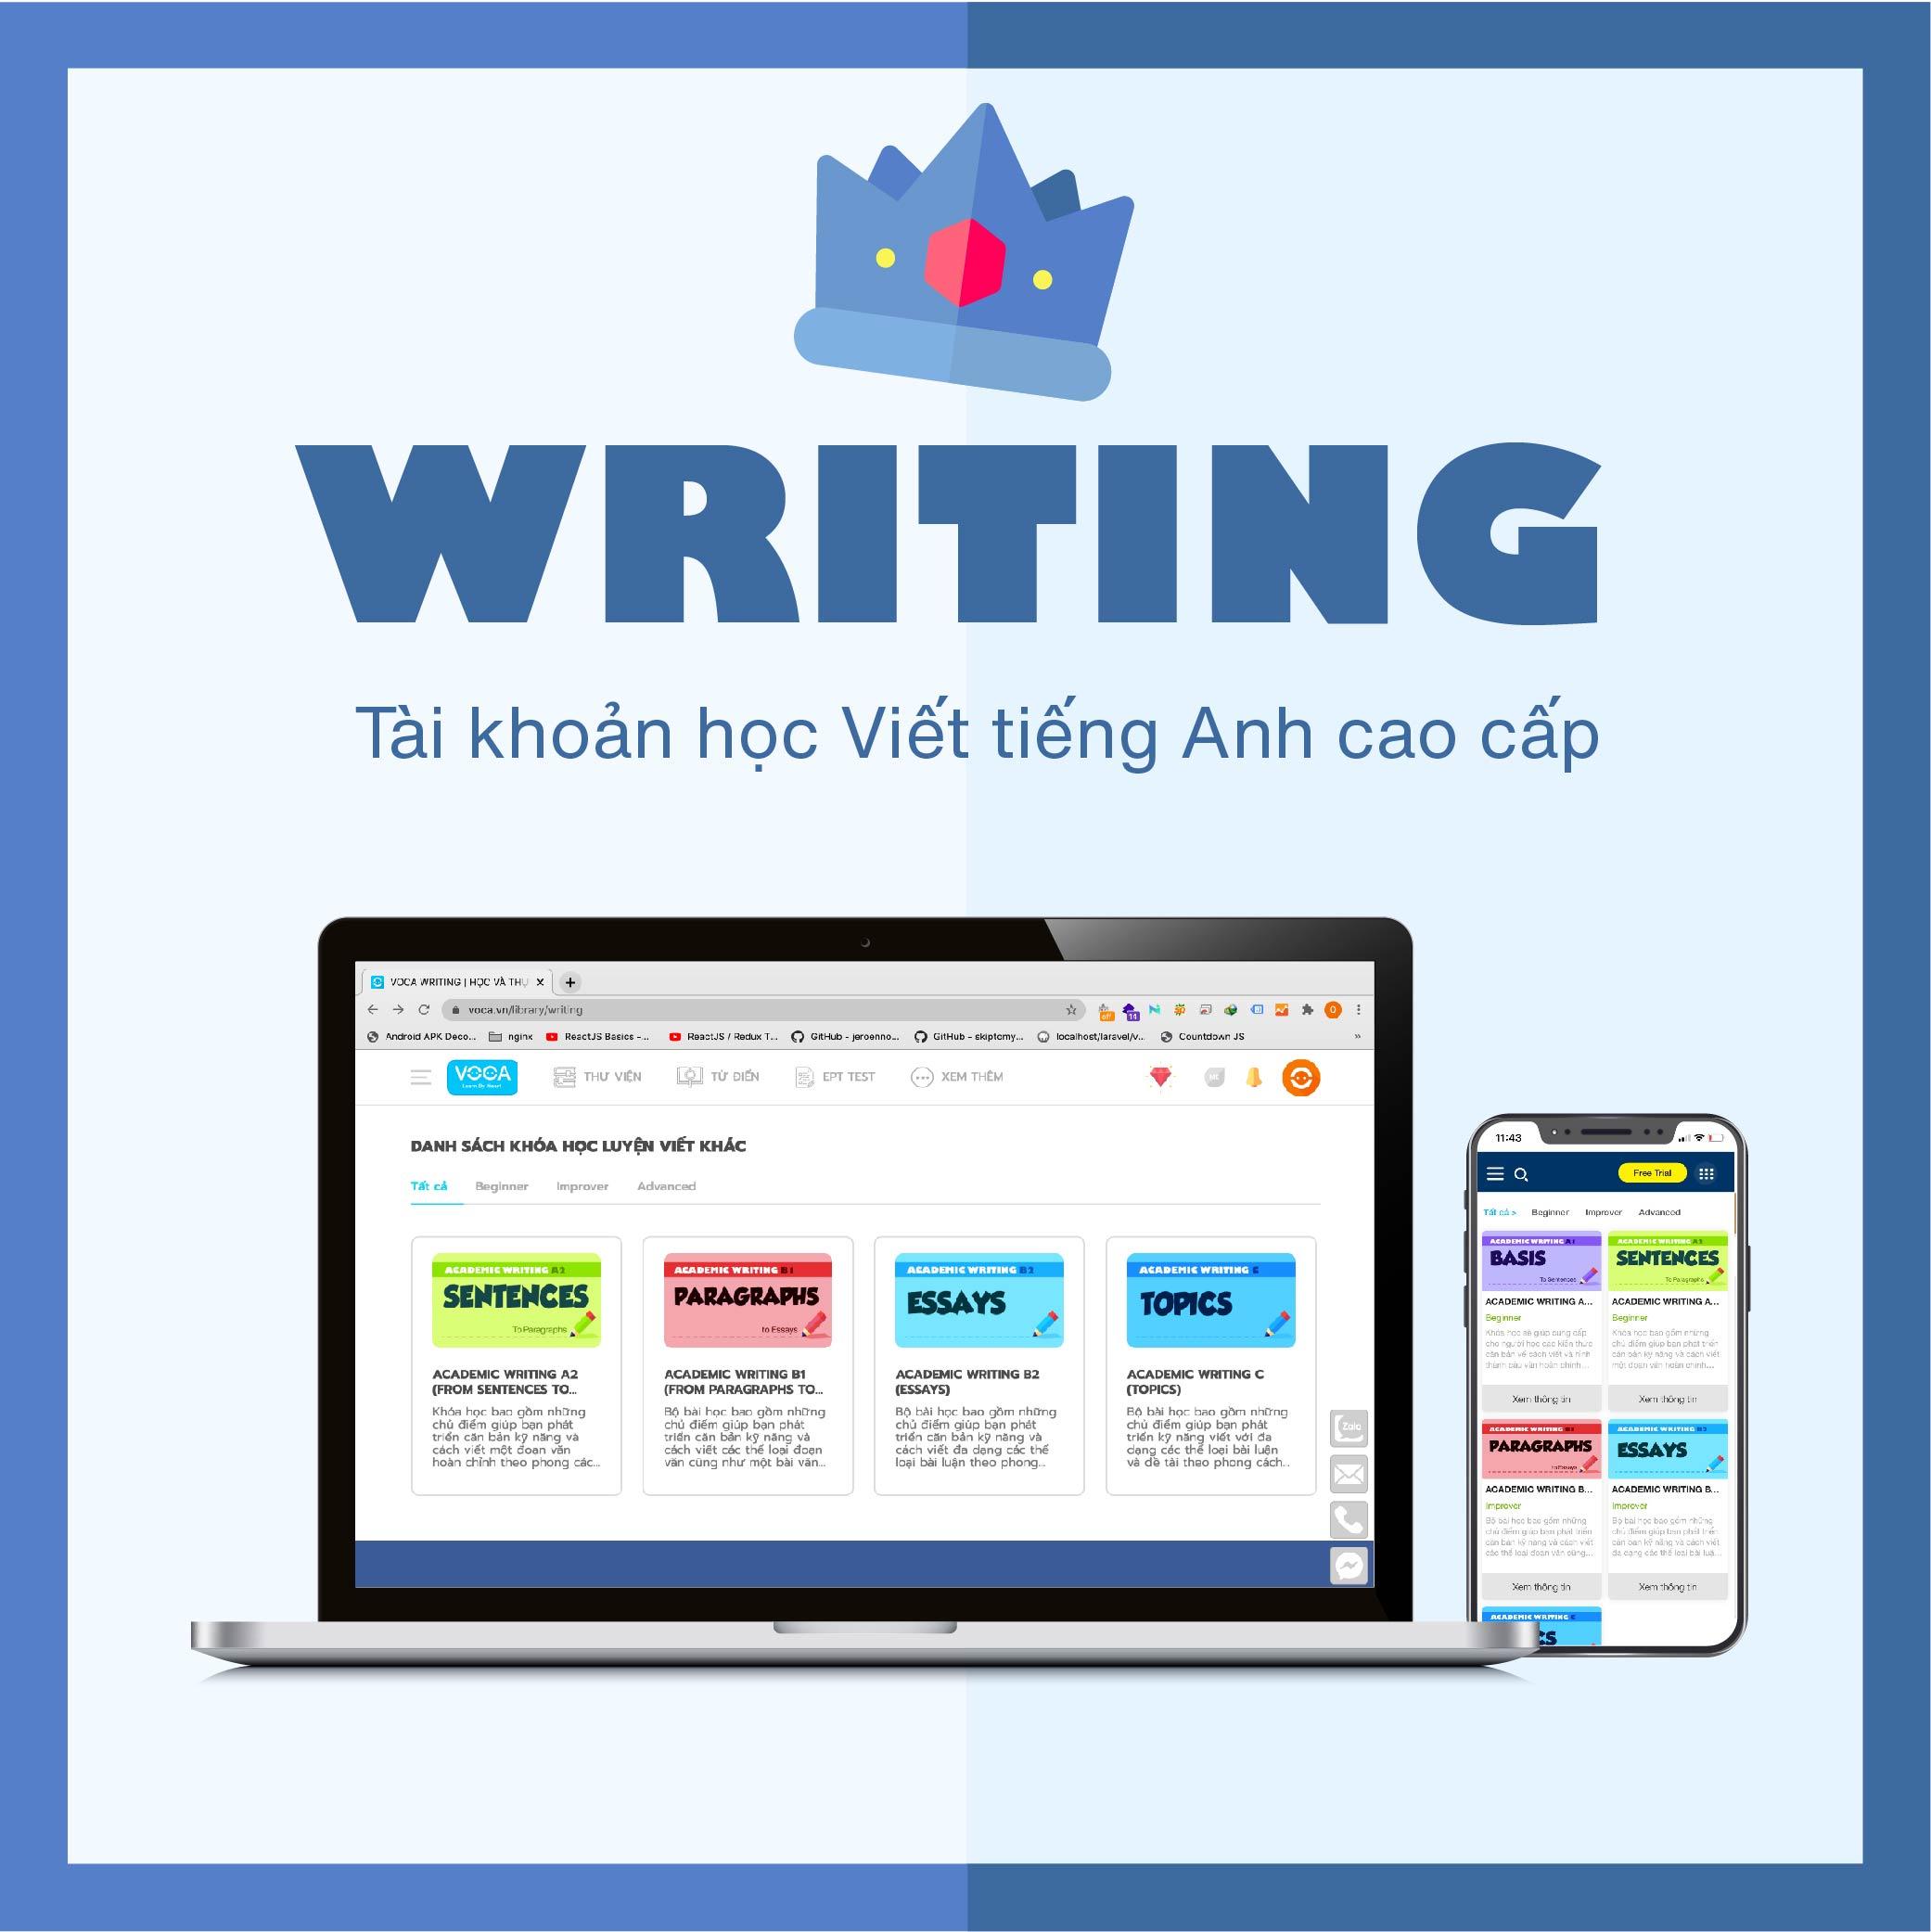 WRITING VIP: Tài khoản Luyện kỹ năng viết tiếng Anh theo phong cách học thuật (Academic Writing) - Hơn 8+ khoá học luyện viết tiếng Anh cao cấp. Hỗ trợ đa nền tảng (Máy tính, Smartphone)